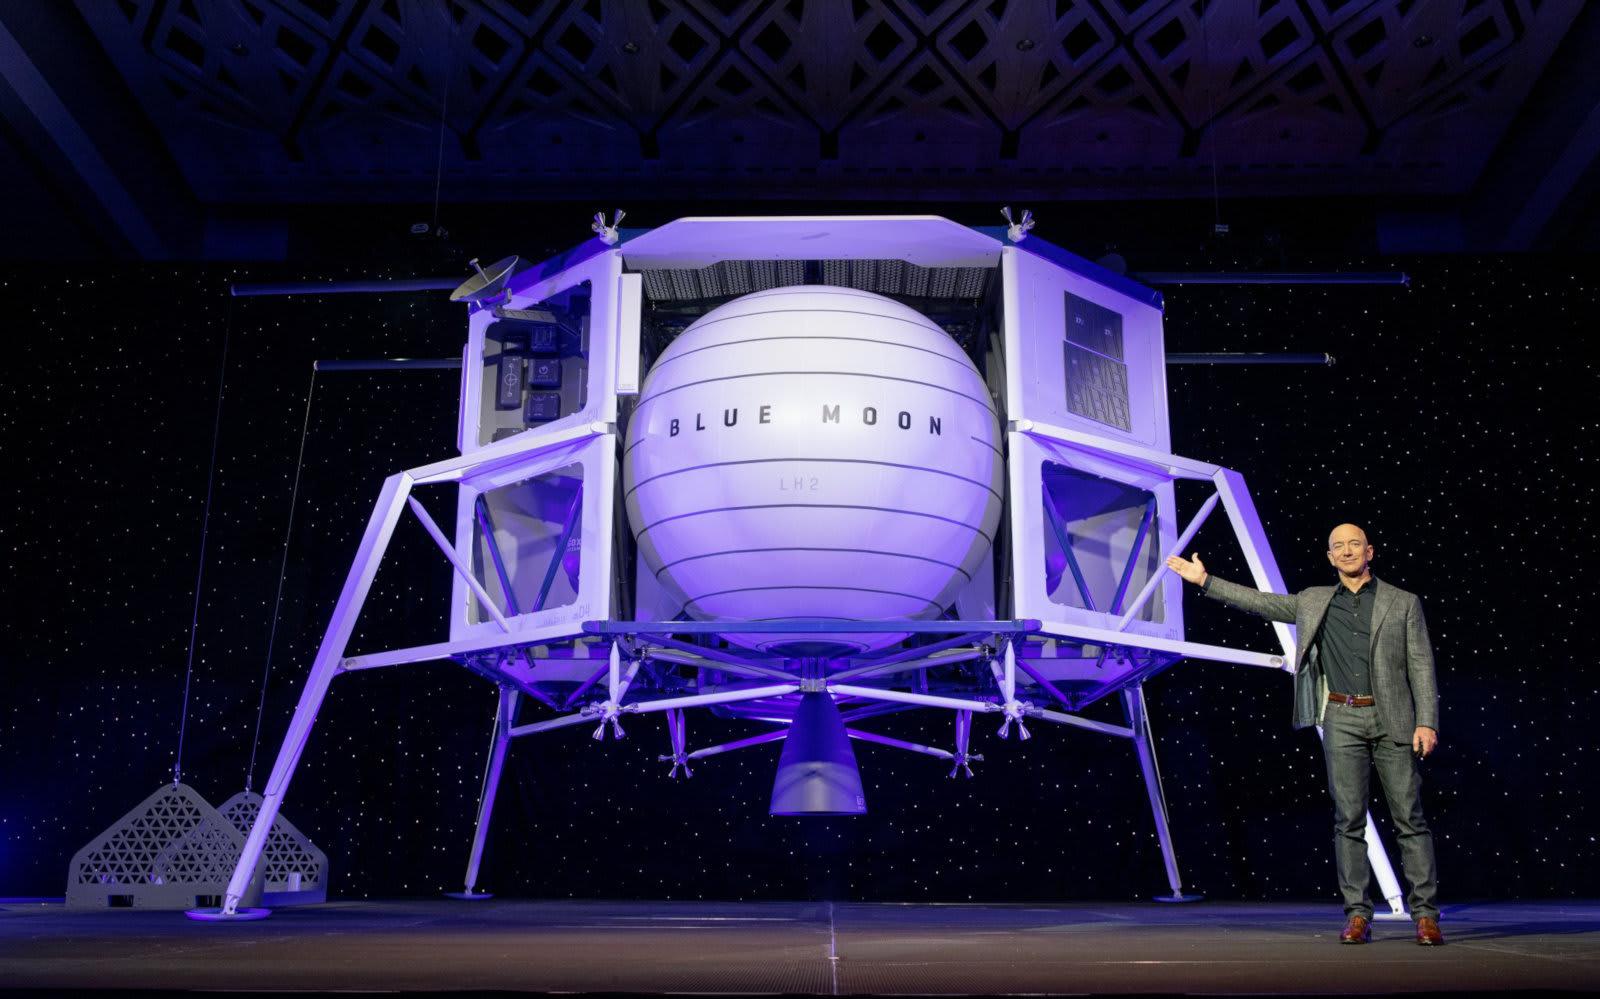 世界一の富豪ジェフ・ベゾス、月着陸船Blue Moon発表。「宇宙ビジネス ...